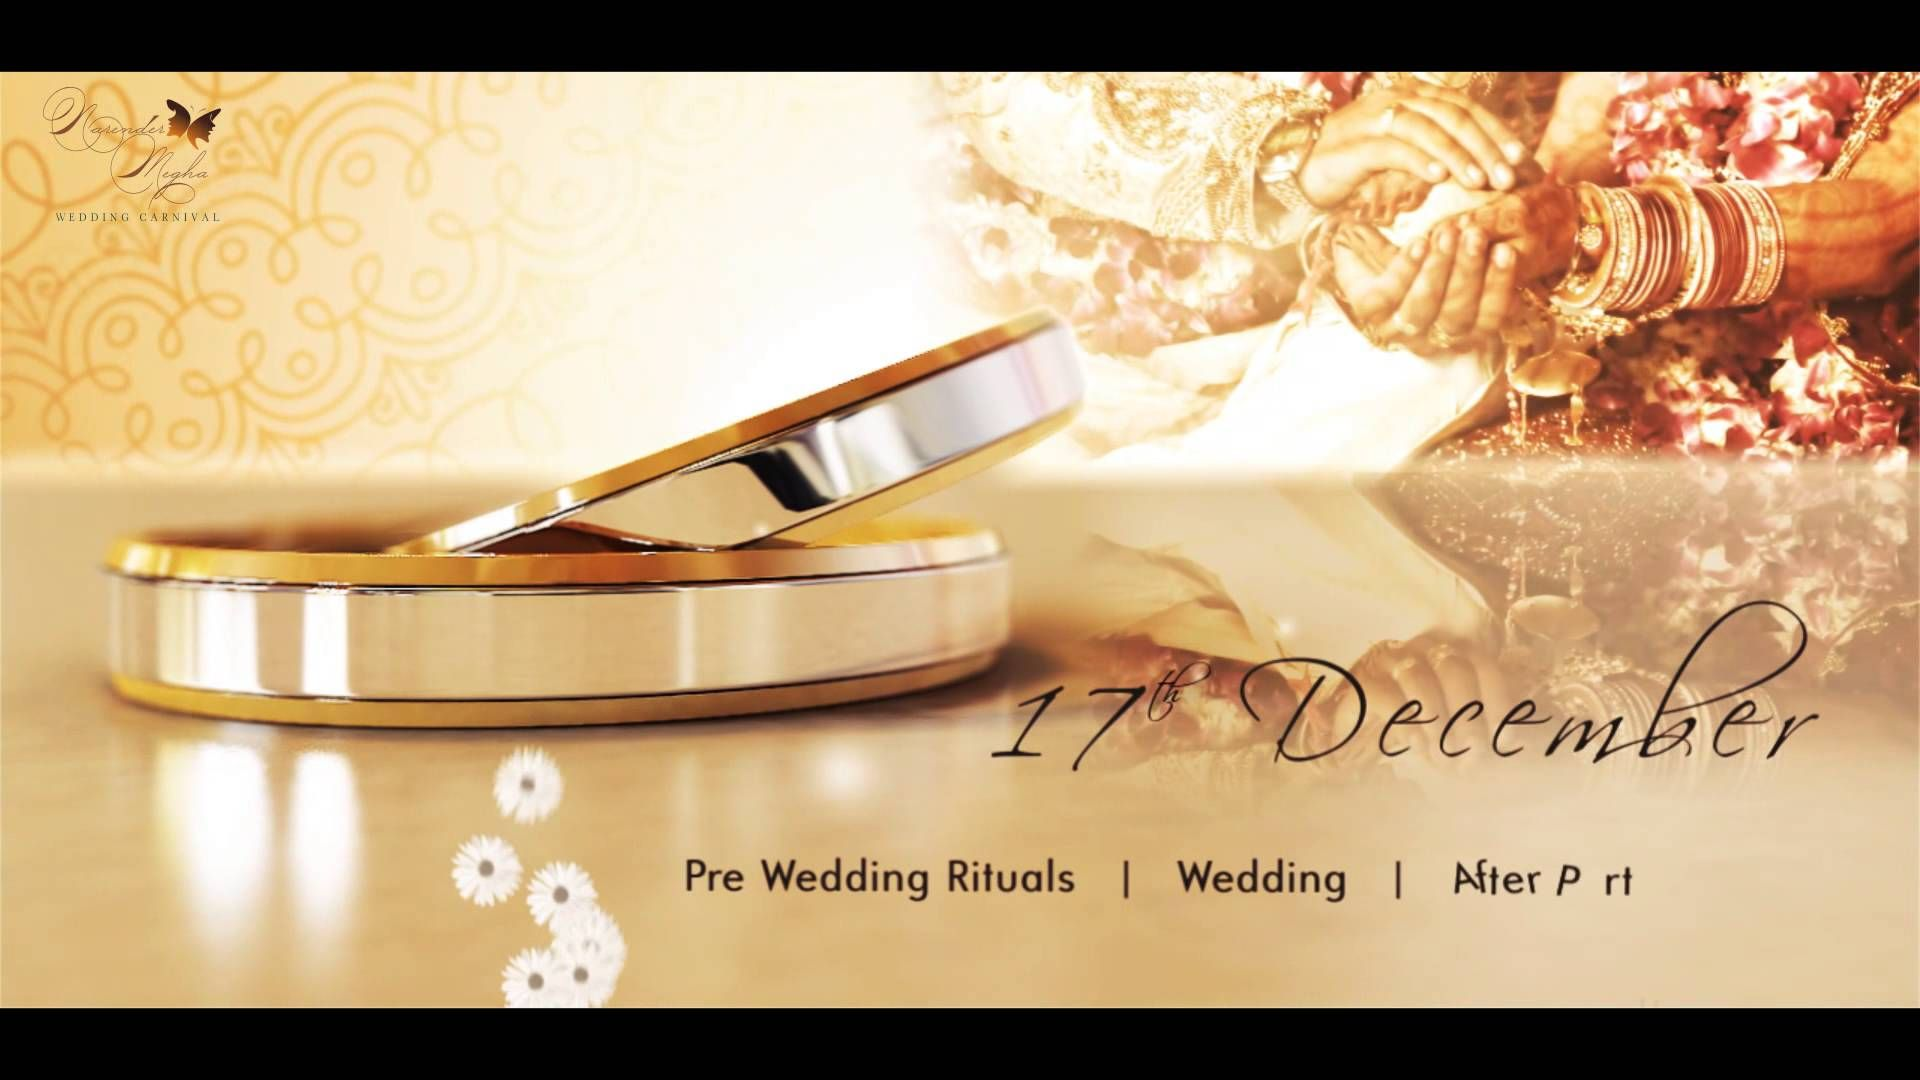 wedding invitation video, video invitation - classy marriage